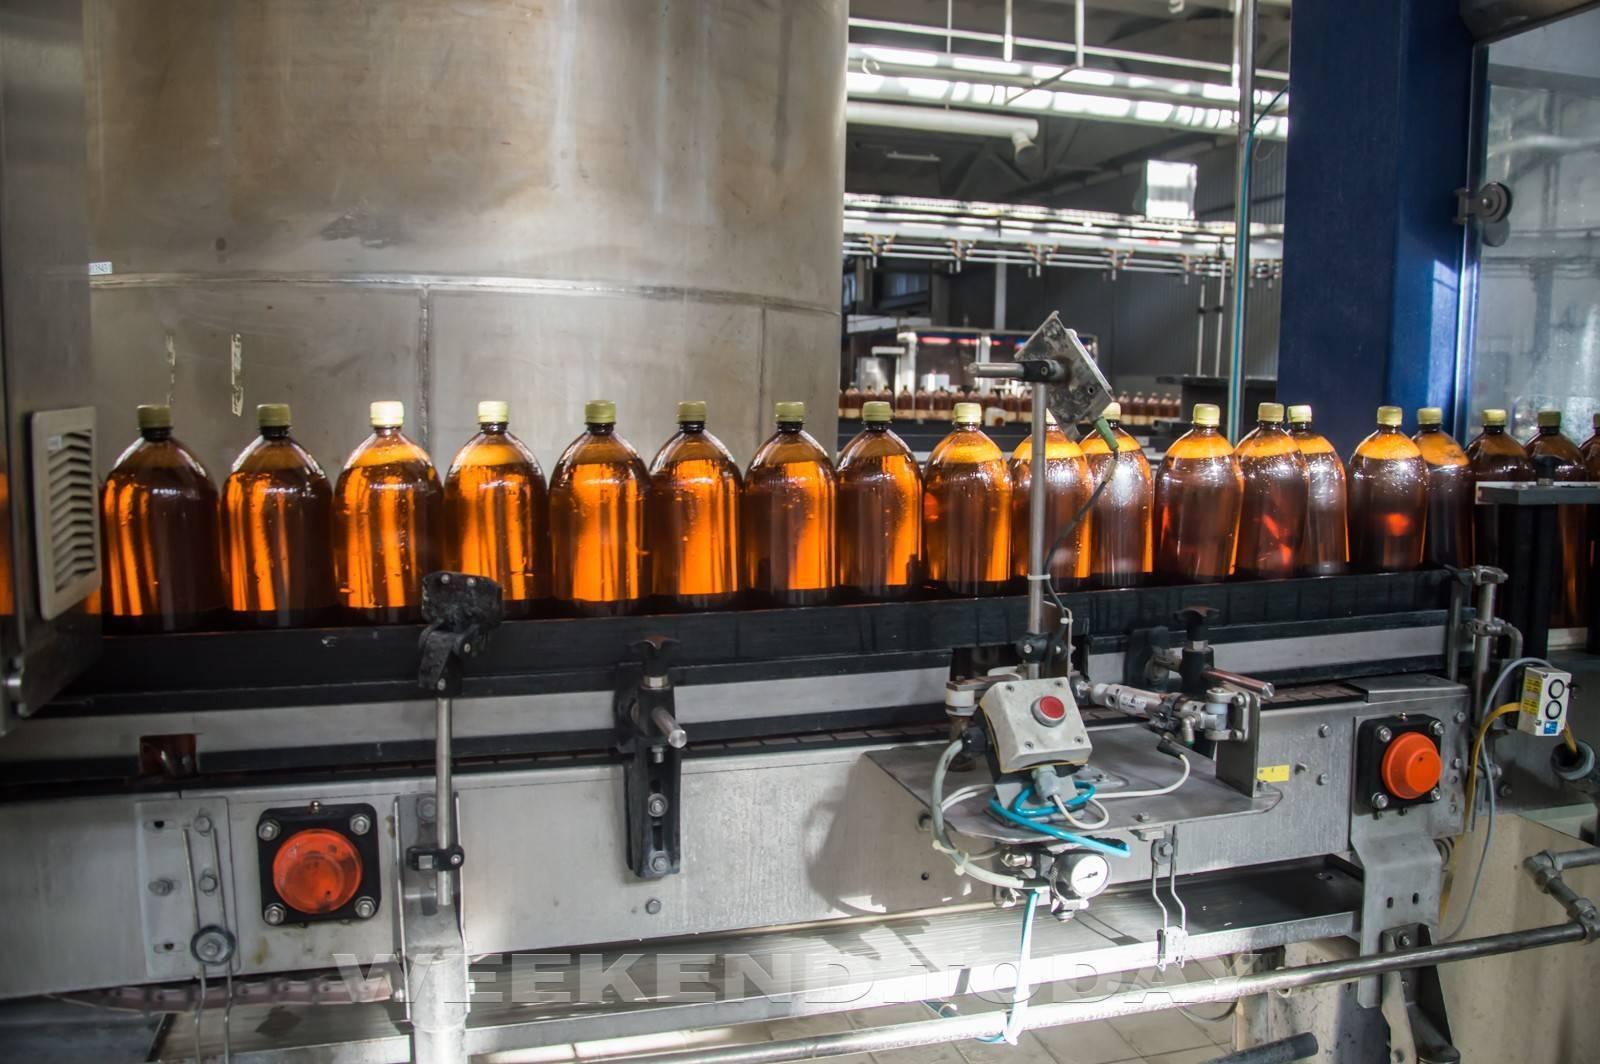 Как делают пиво: основные этапы производства пива, процесс пивоварения